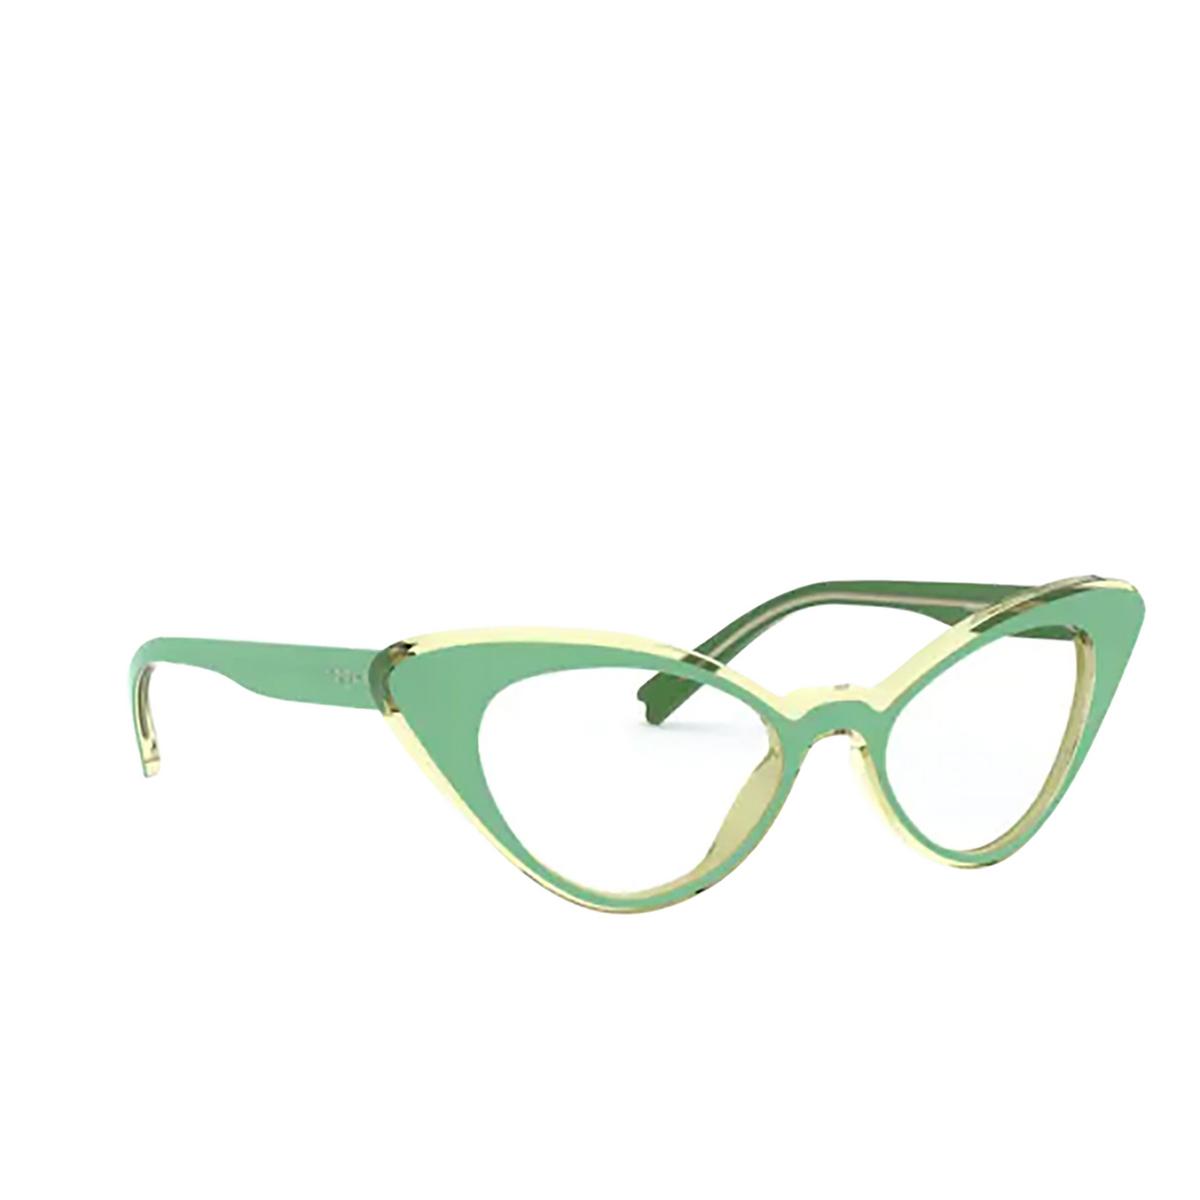 Vogue® Cat-eye Eyeglasses: VO5317 color Top Green / Transparent Beige 2810.